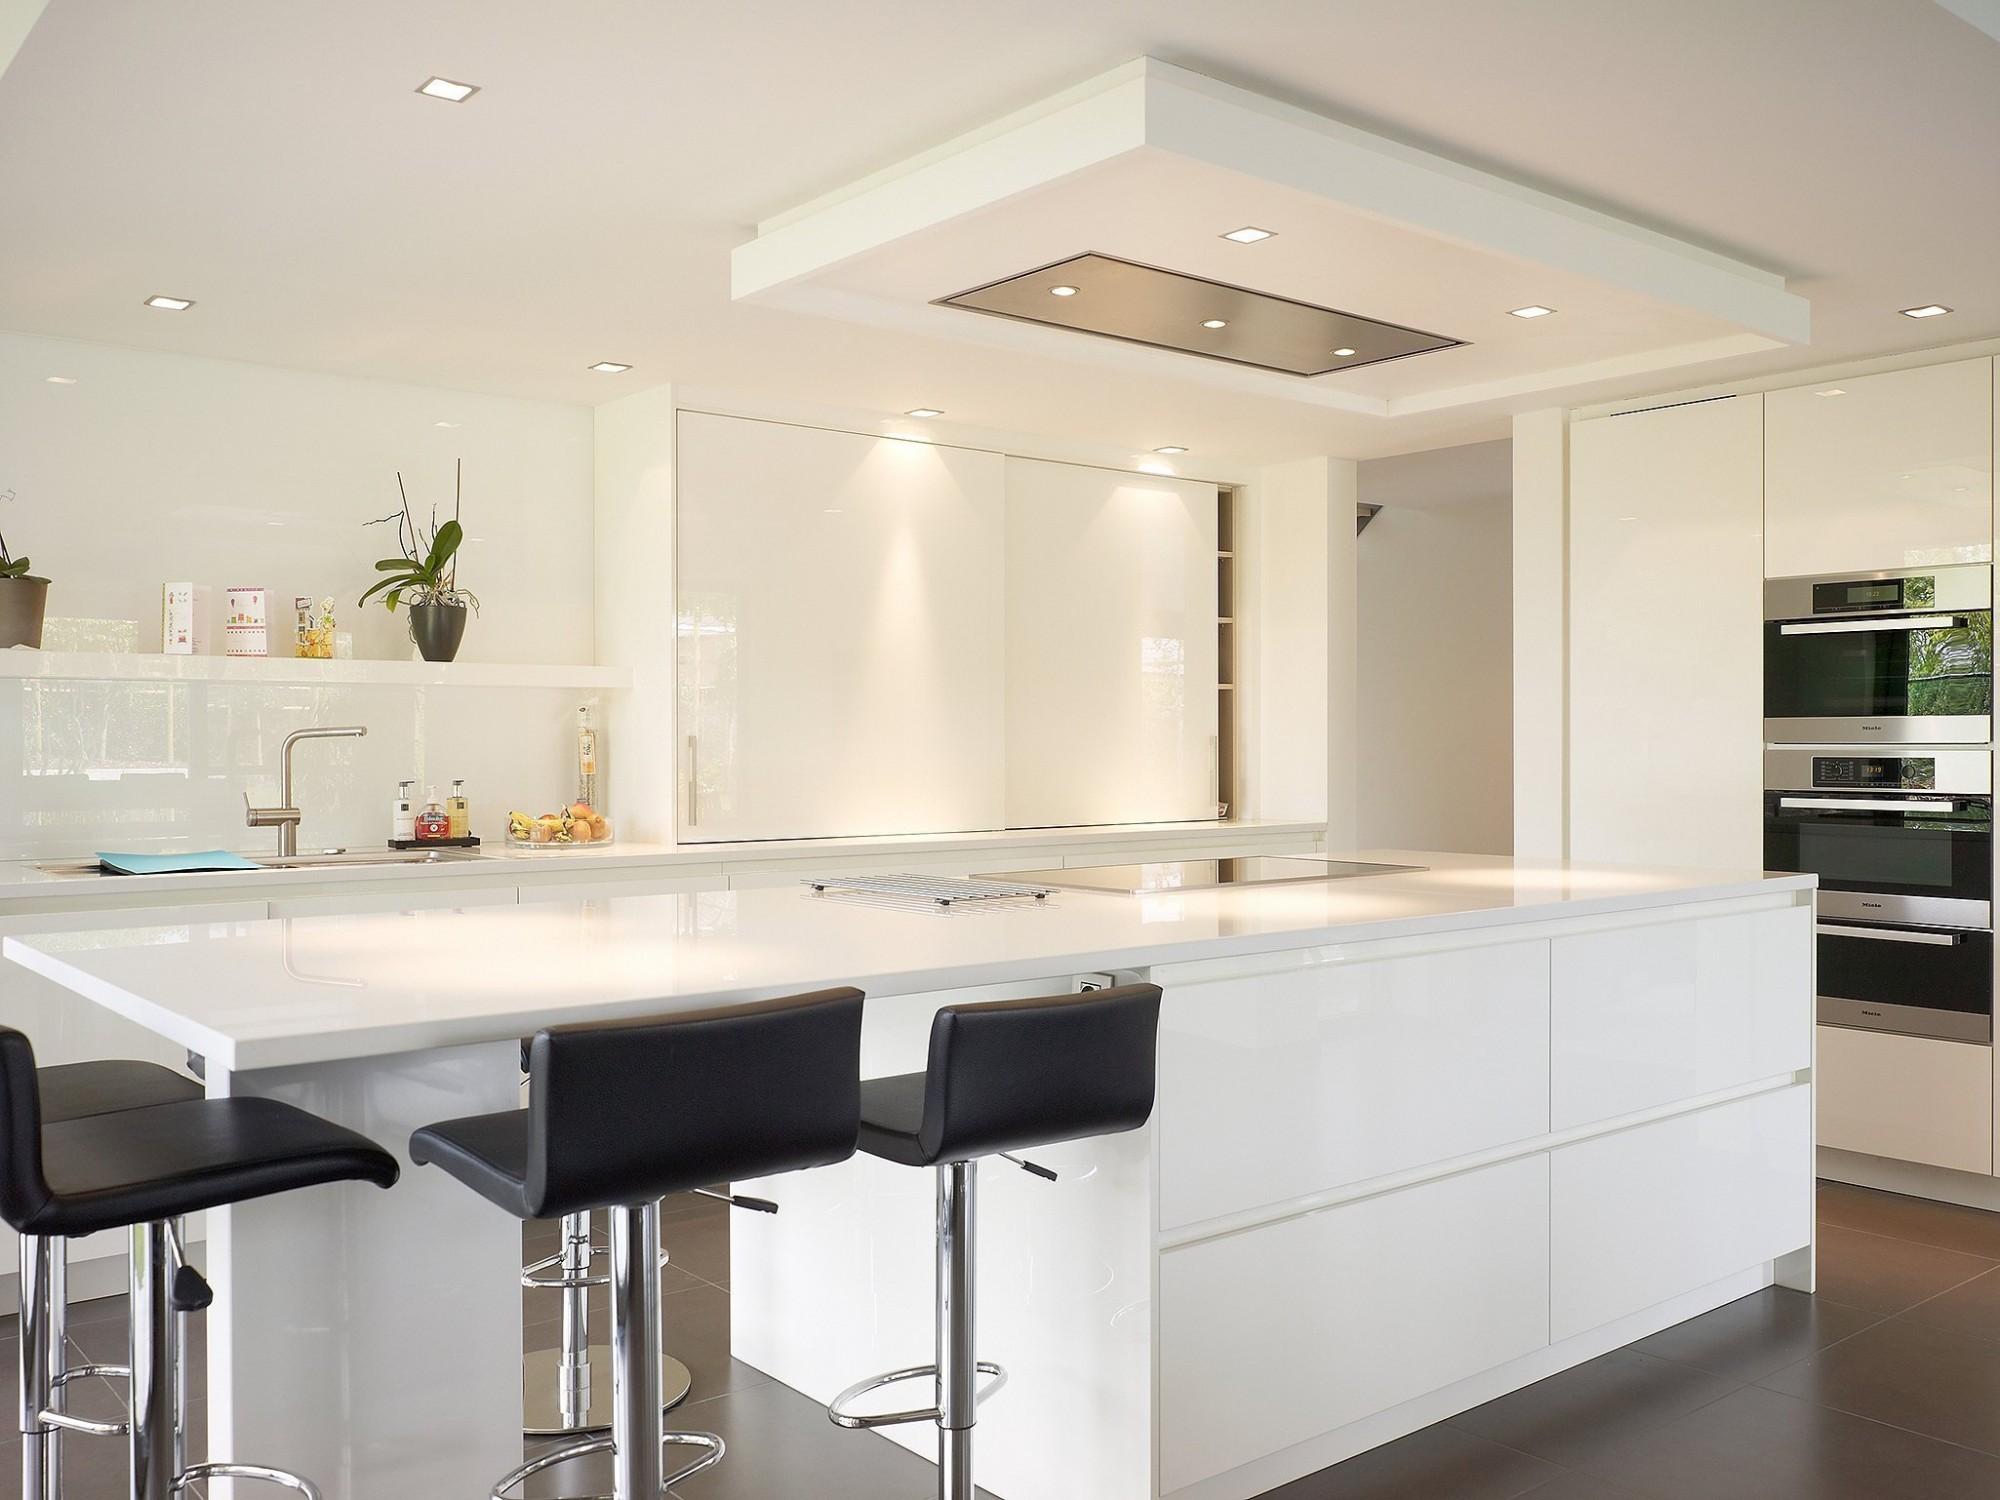 Afbeelding: Fotografie keuken modern te Asse voor © BVV architecten,  fotografie keukens Foto Van Huffel.